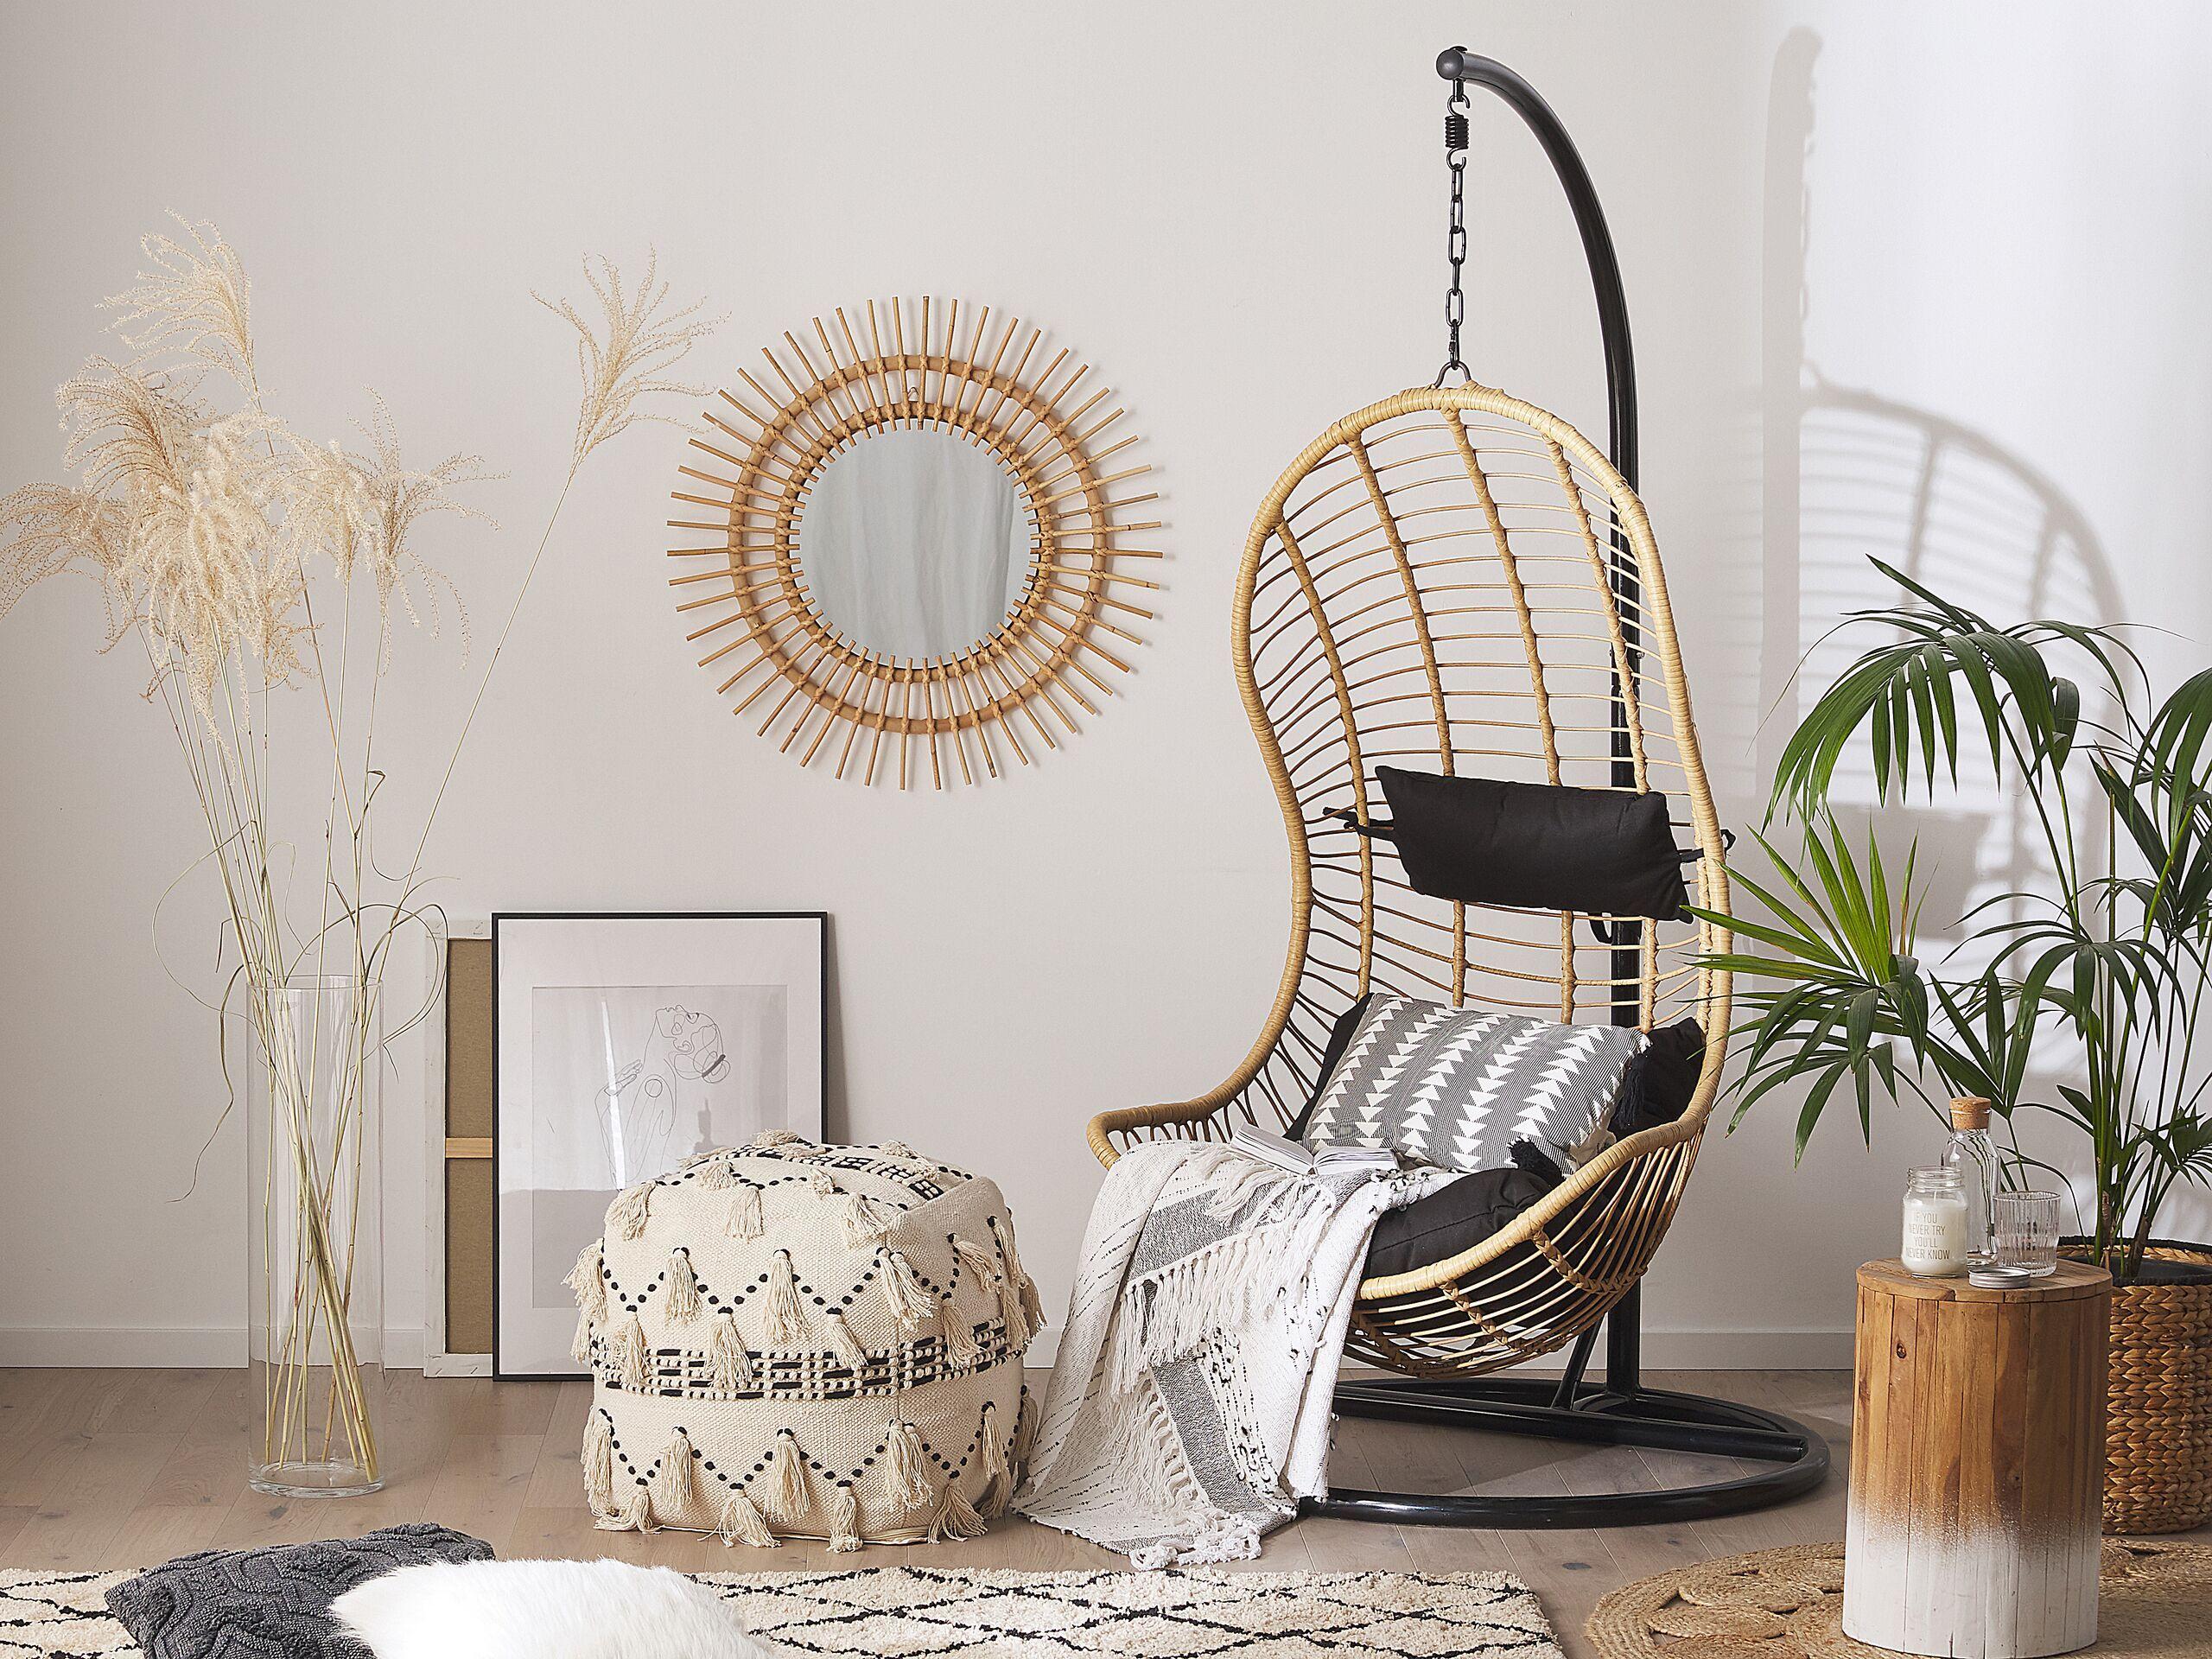 Fotel Wiszacy Bezowy Rattanowy Bujany Metalowa Czarna Rama Styl Boho Beliani Hanging Chair Beliani Furniture